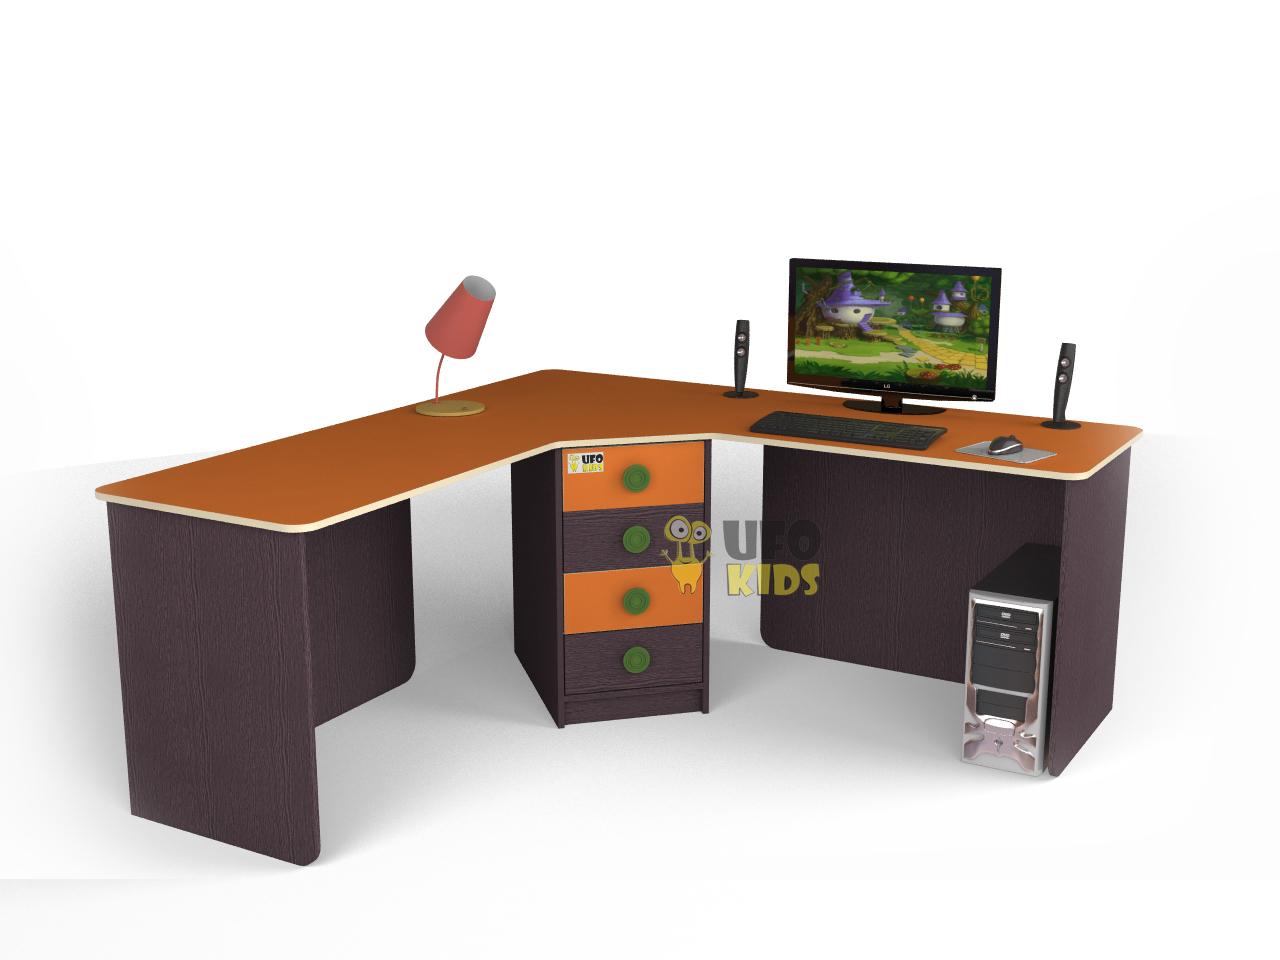 купить стол угловой для двоих детей оранси C005 недорогие детские